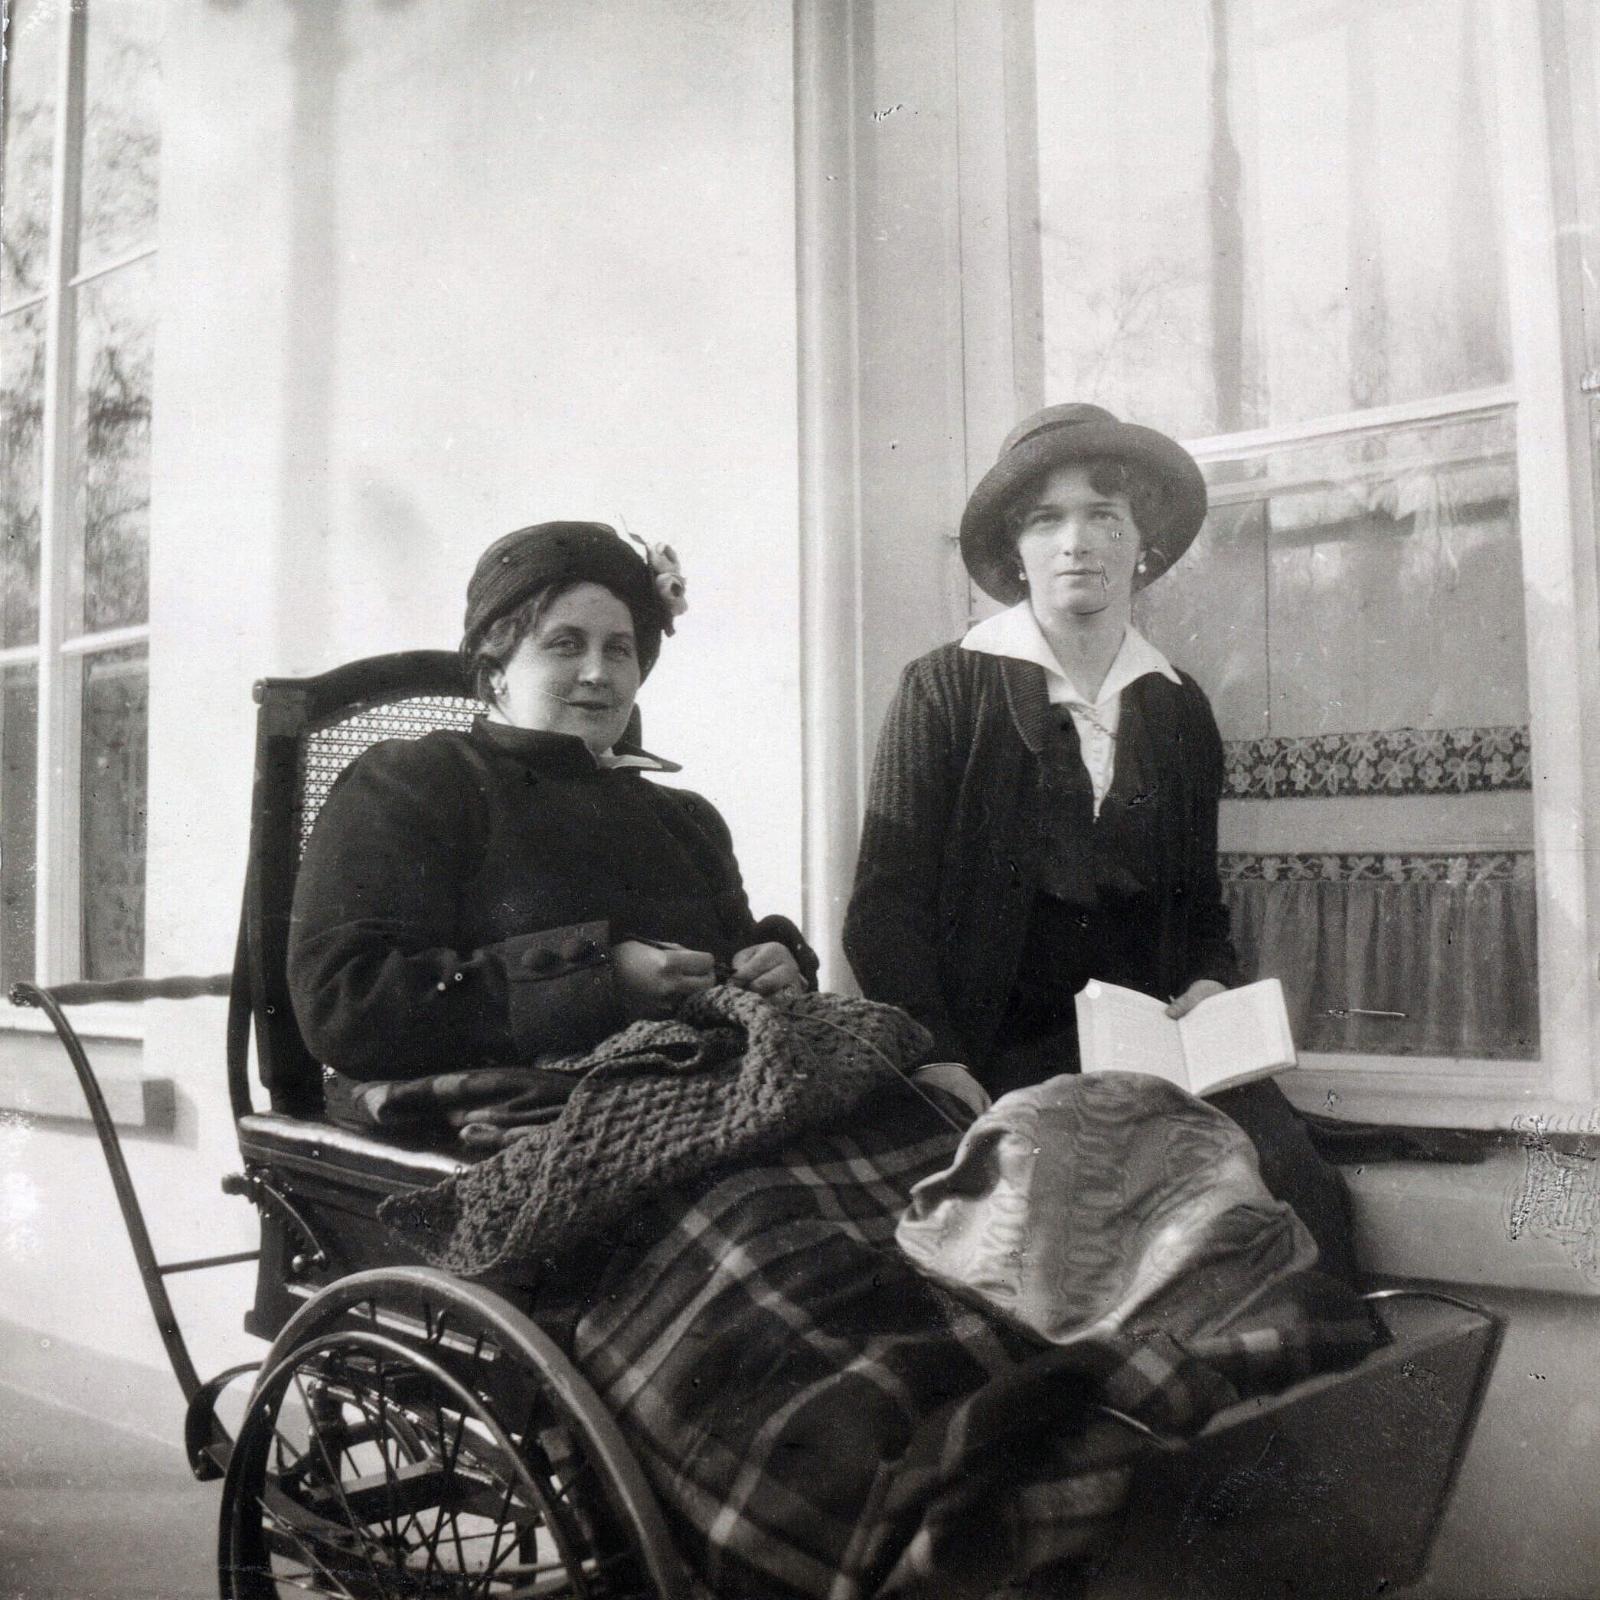 Анна Вырубова в инвалидной коляске с великой княжной Ольгой Николаевной, 1915−1916. Источник: wikipedia.org